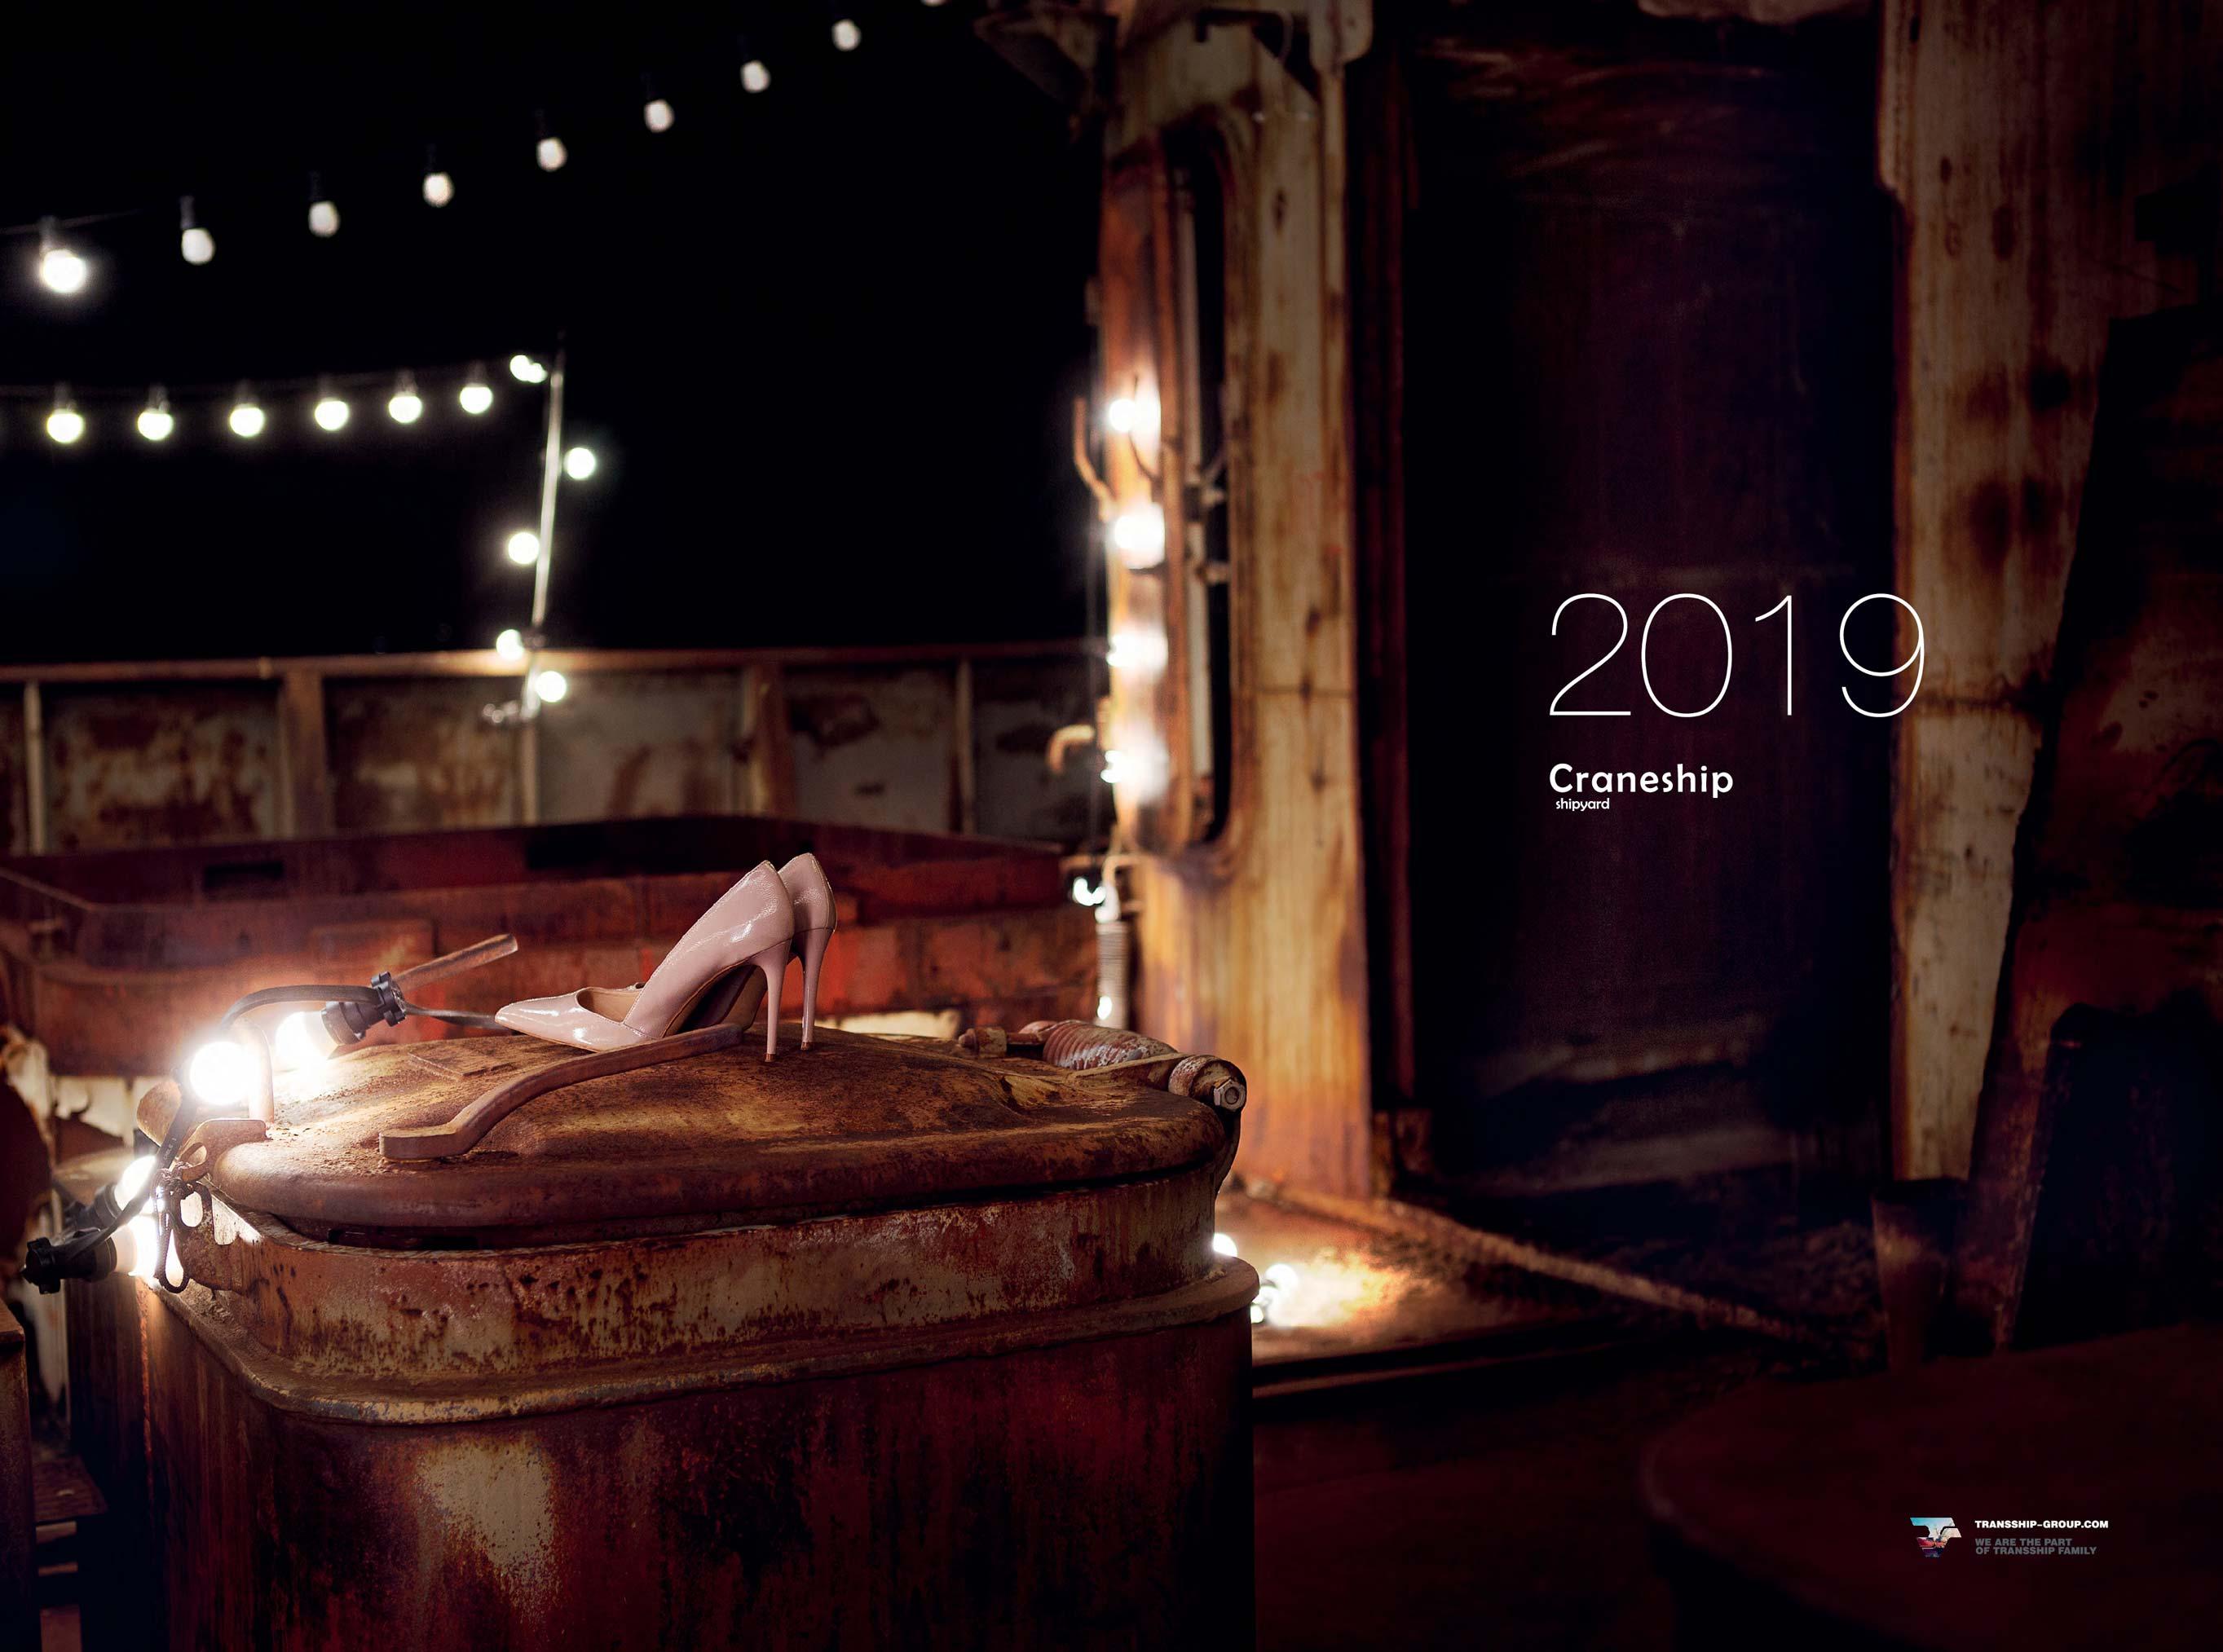 Эротический календарь судостроительного завода Краншип / Craneship nude calendar 2019 by MordererStudio